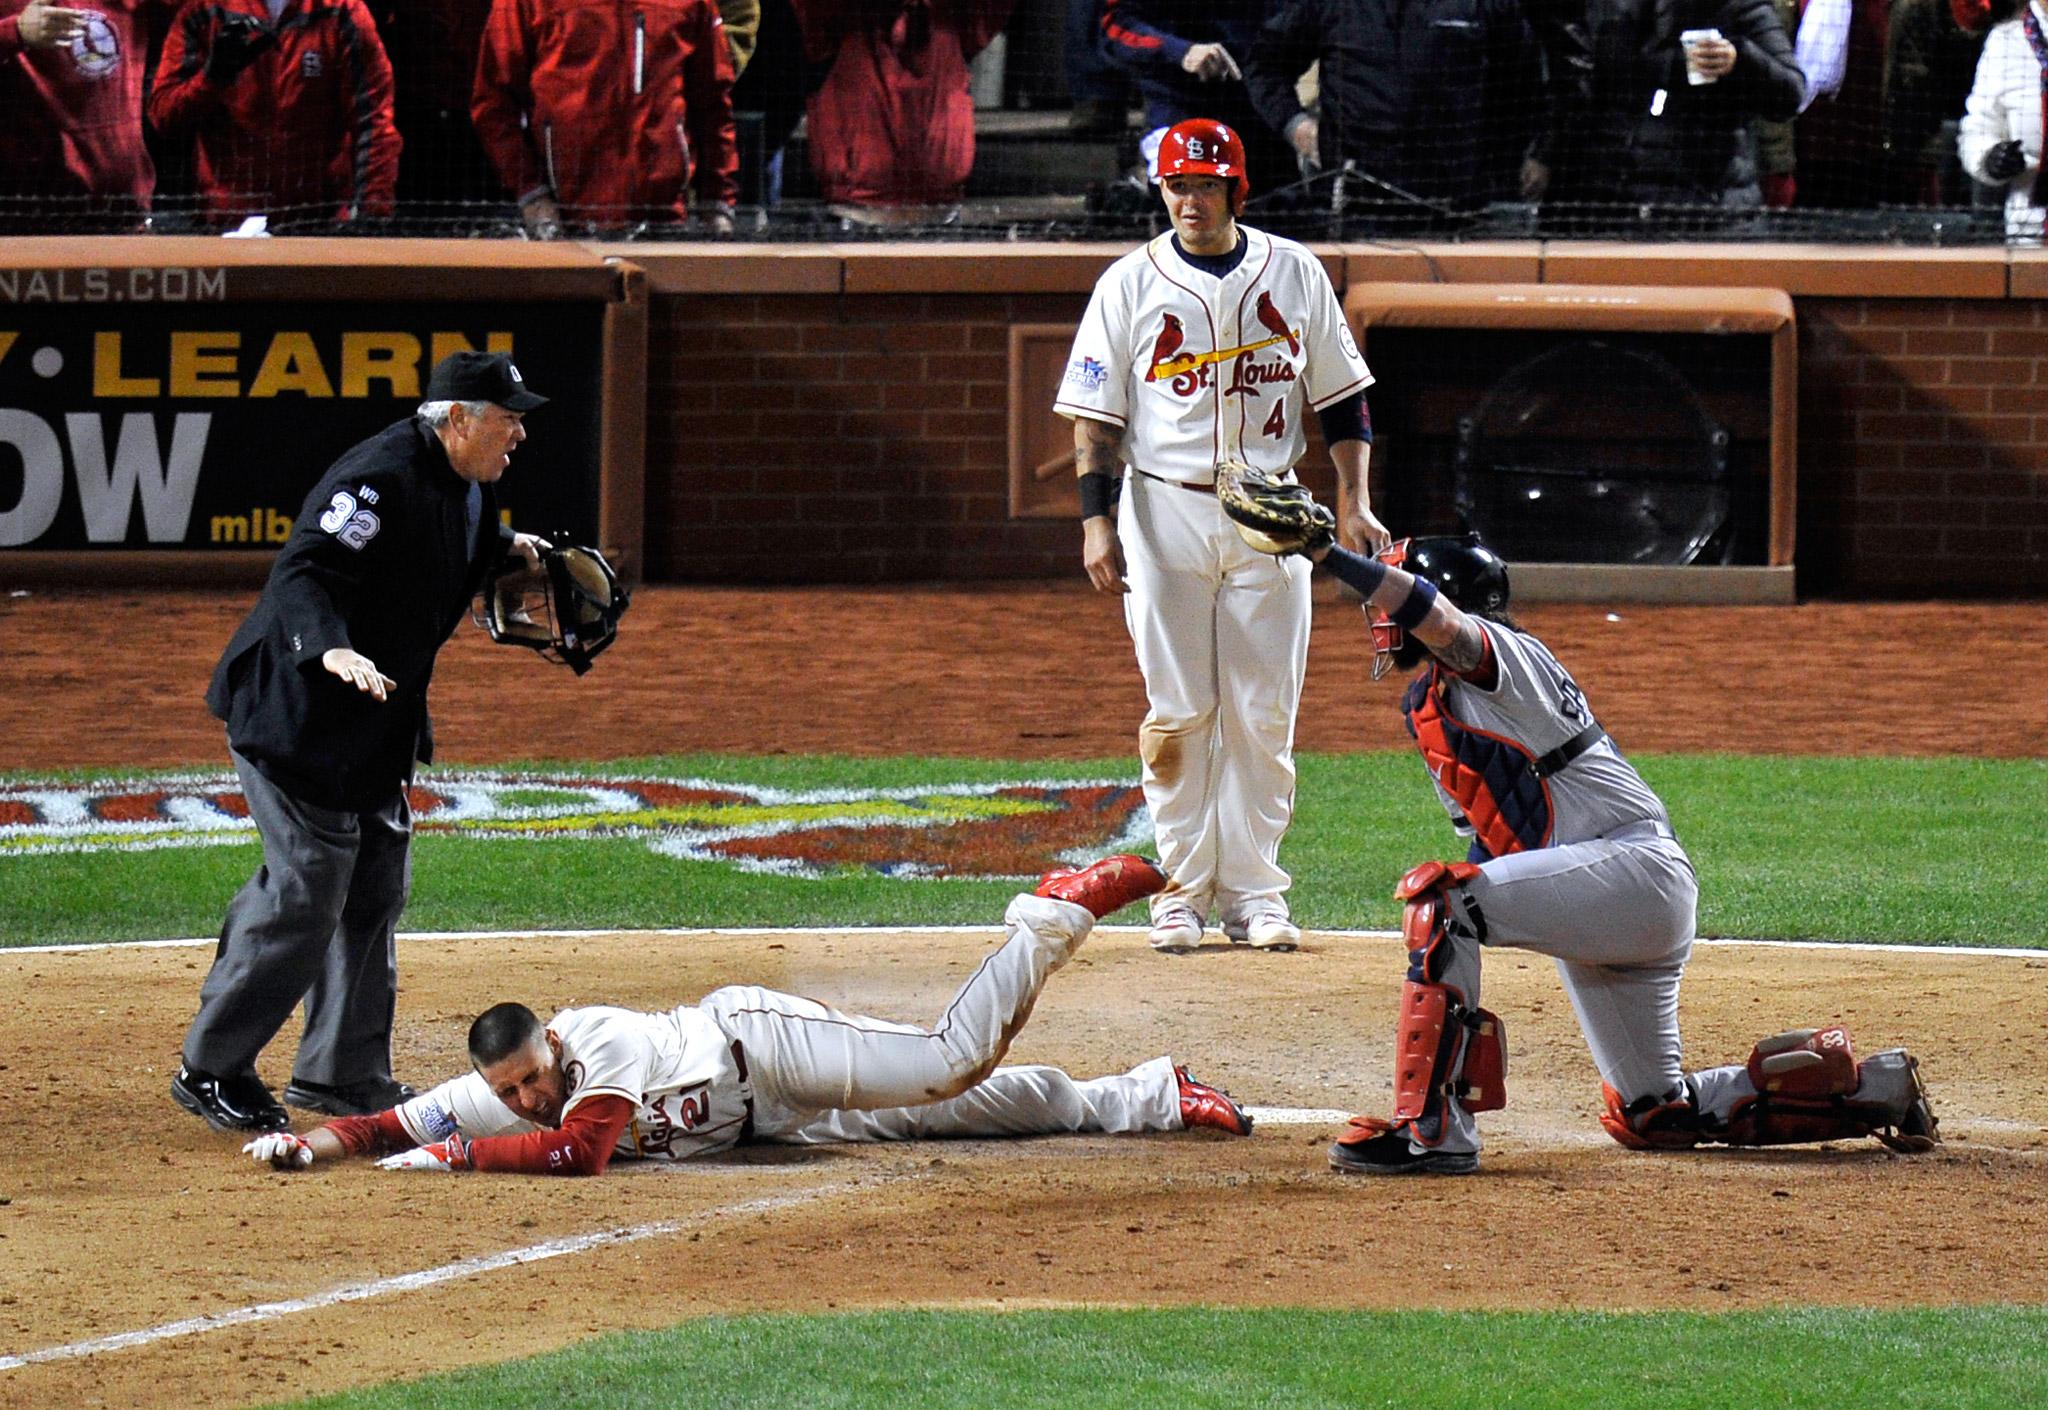 Cardinals win game 3